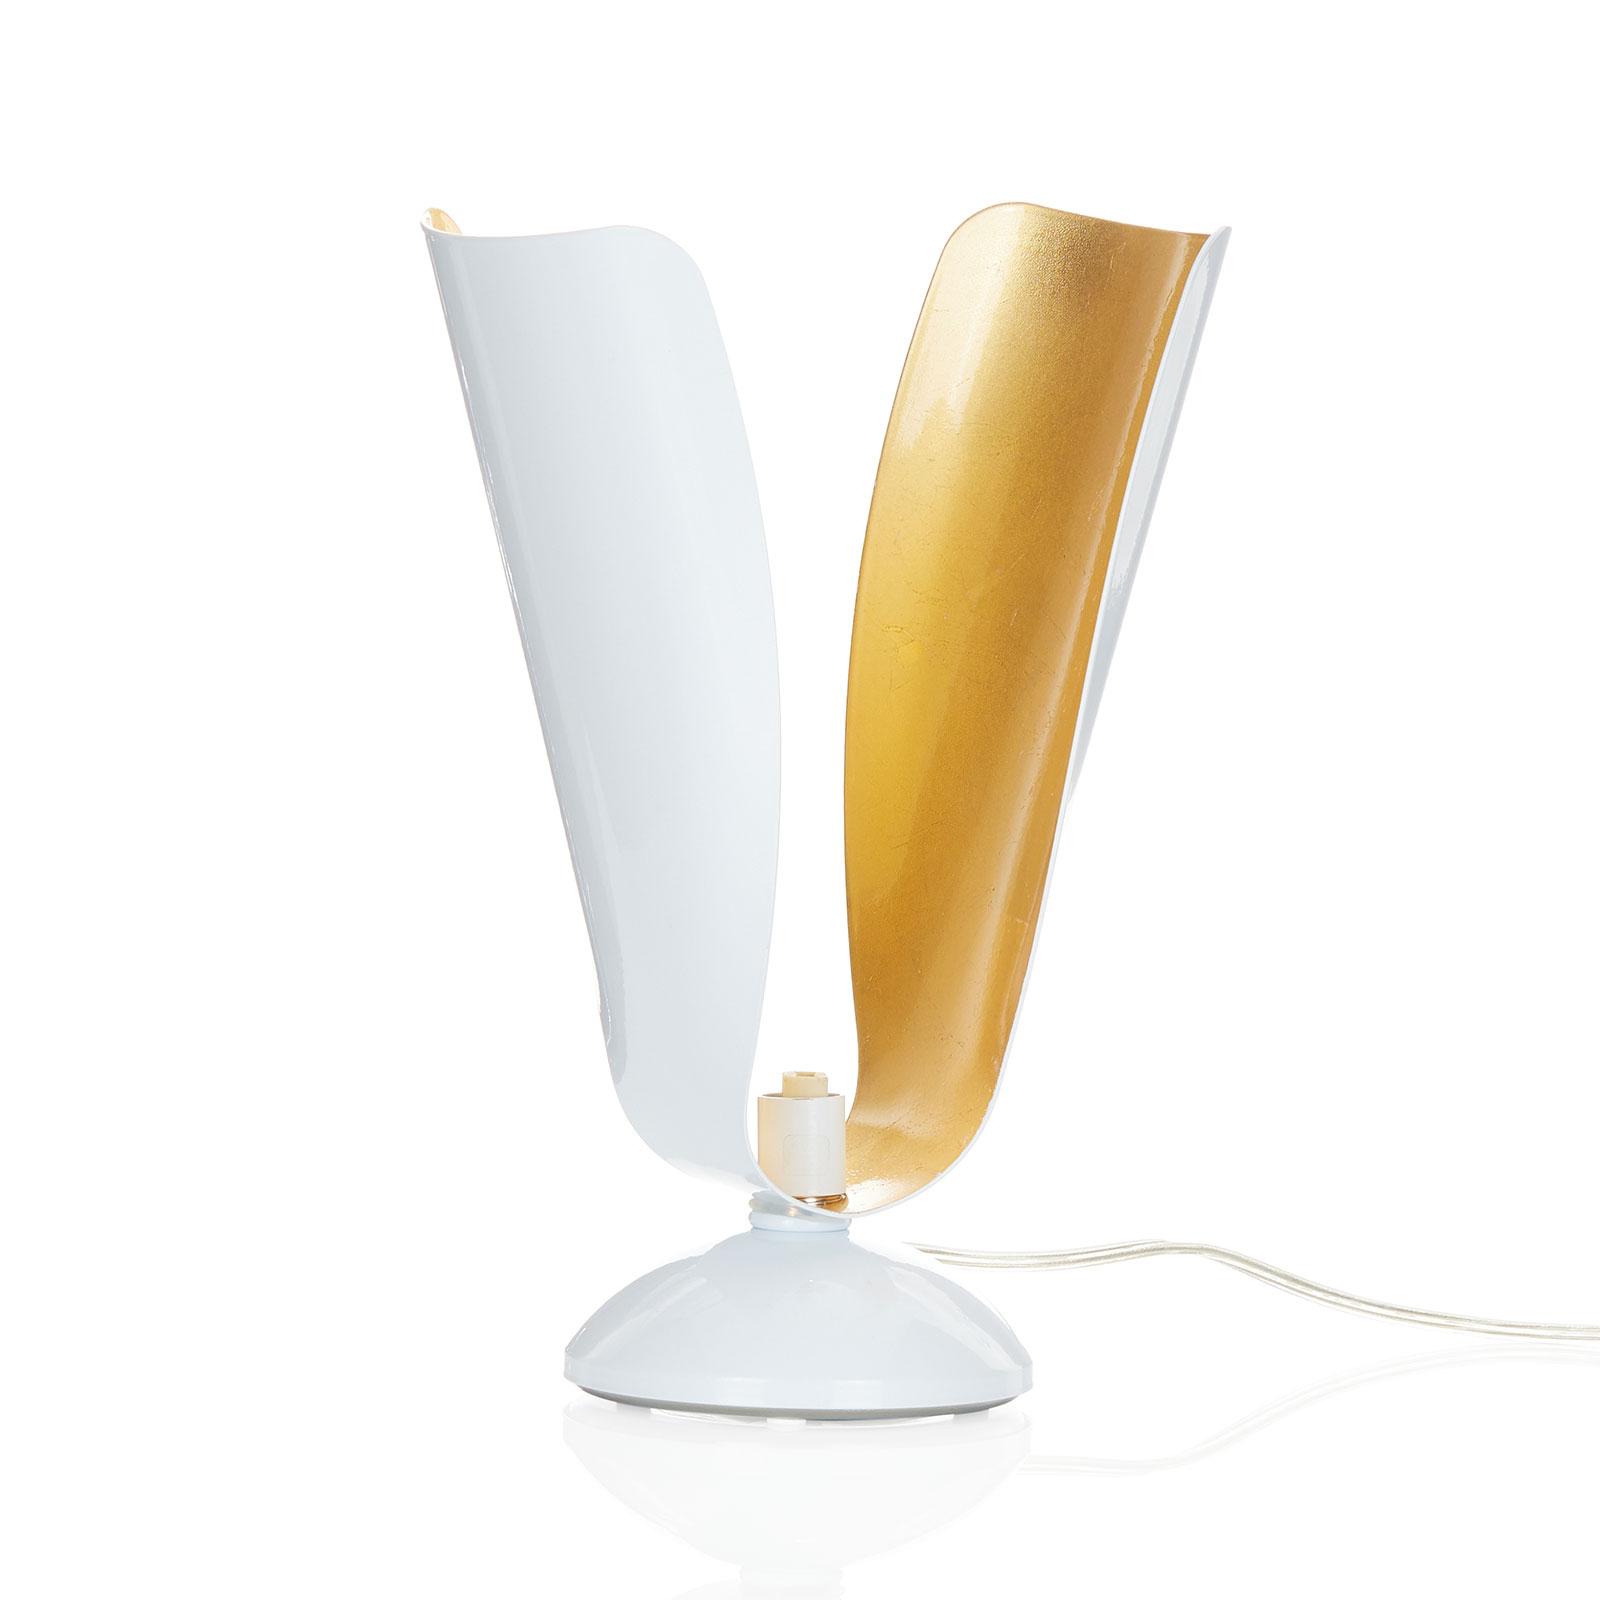 Tafellamp Tropic met bladgoud